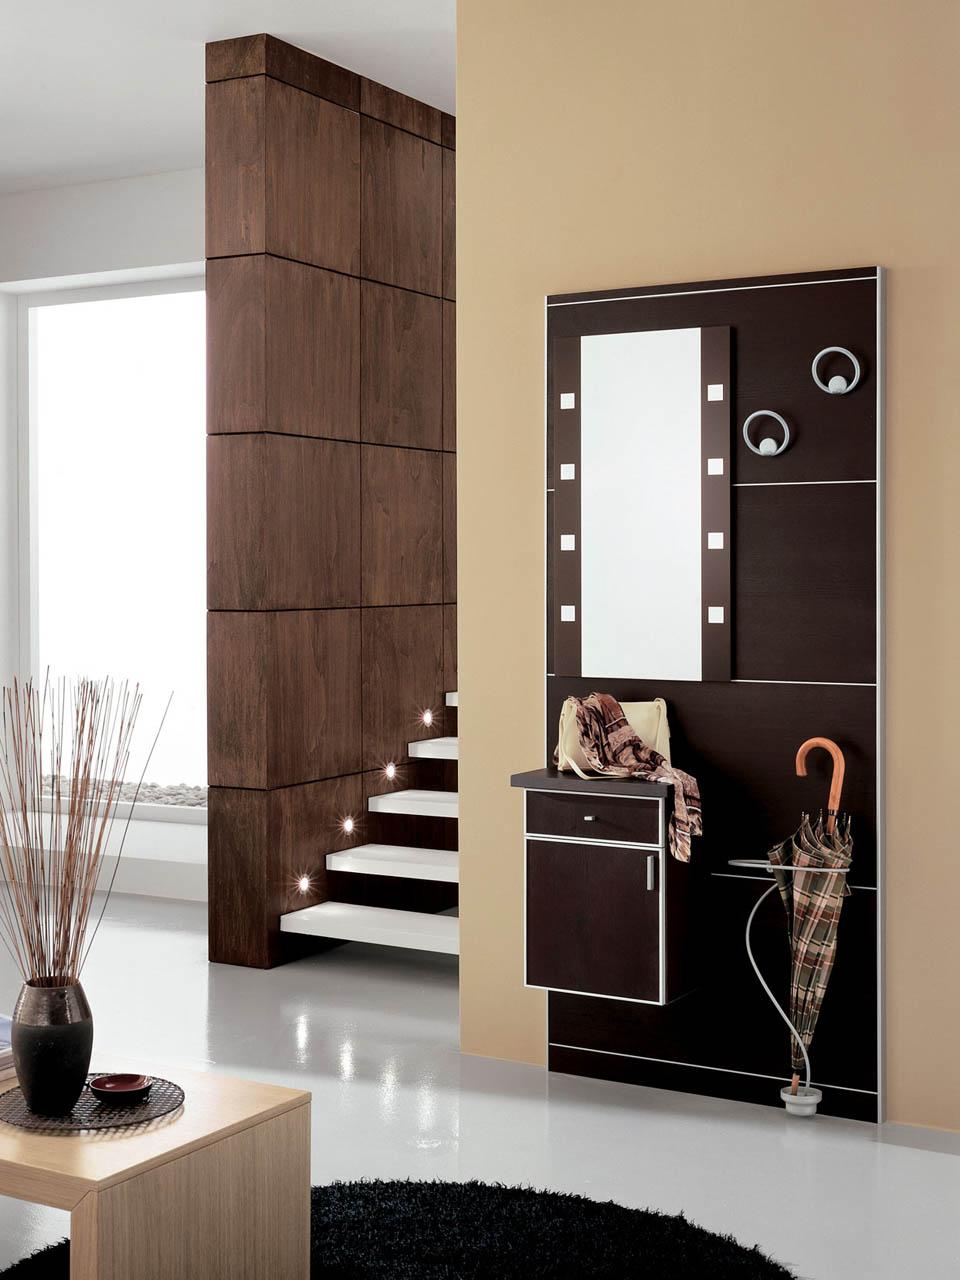 Ingresso dinamika 353 tutto mobili arredamento camere cucine ufficio roma - Mobili ingresso roma ...